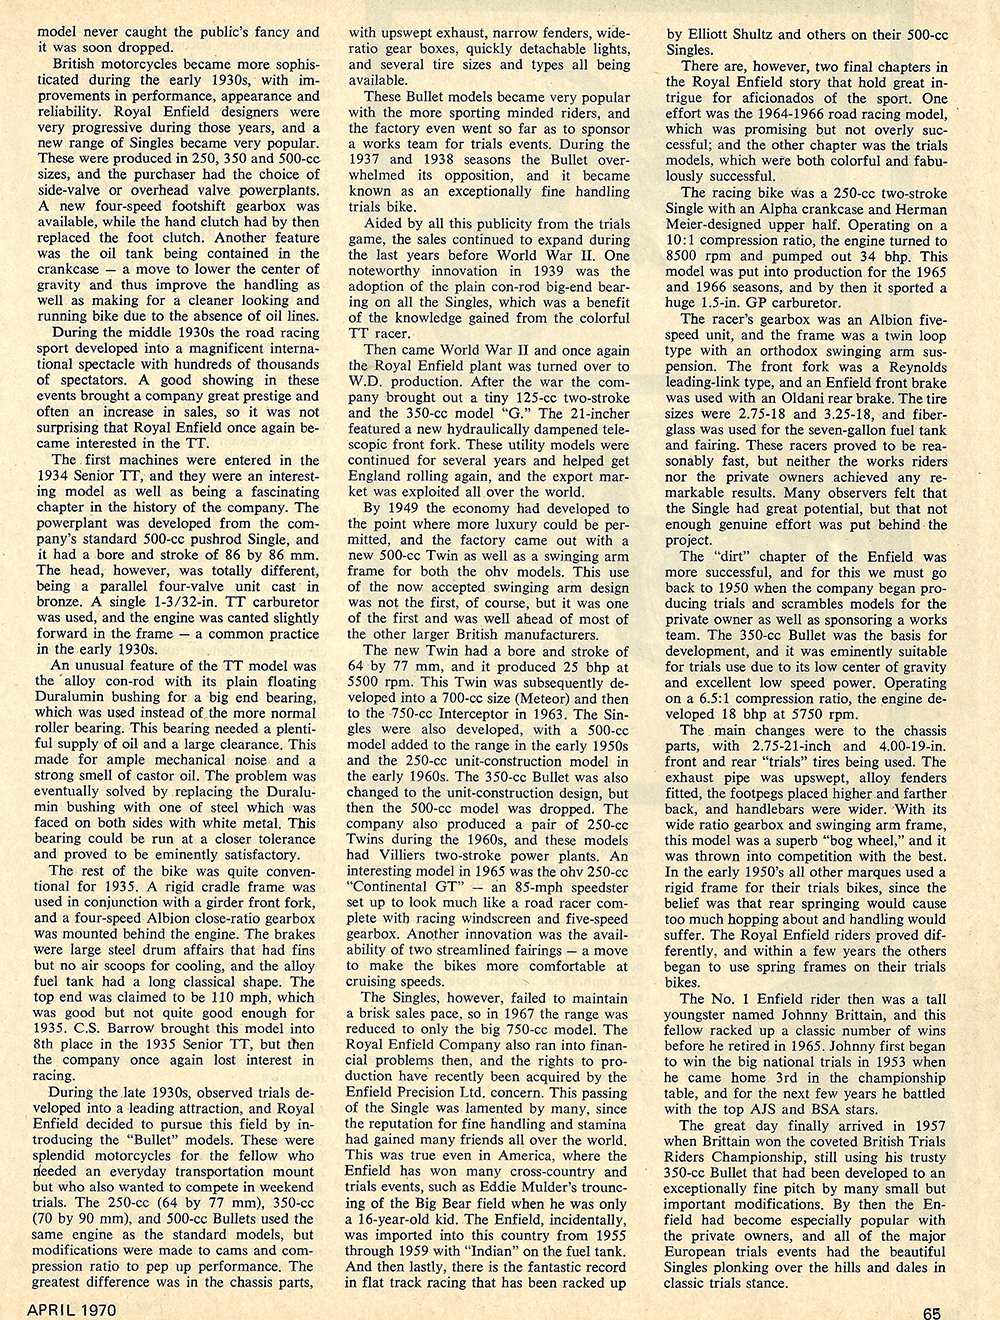 1970 History of Royal Enfield 04.jpg